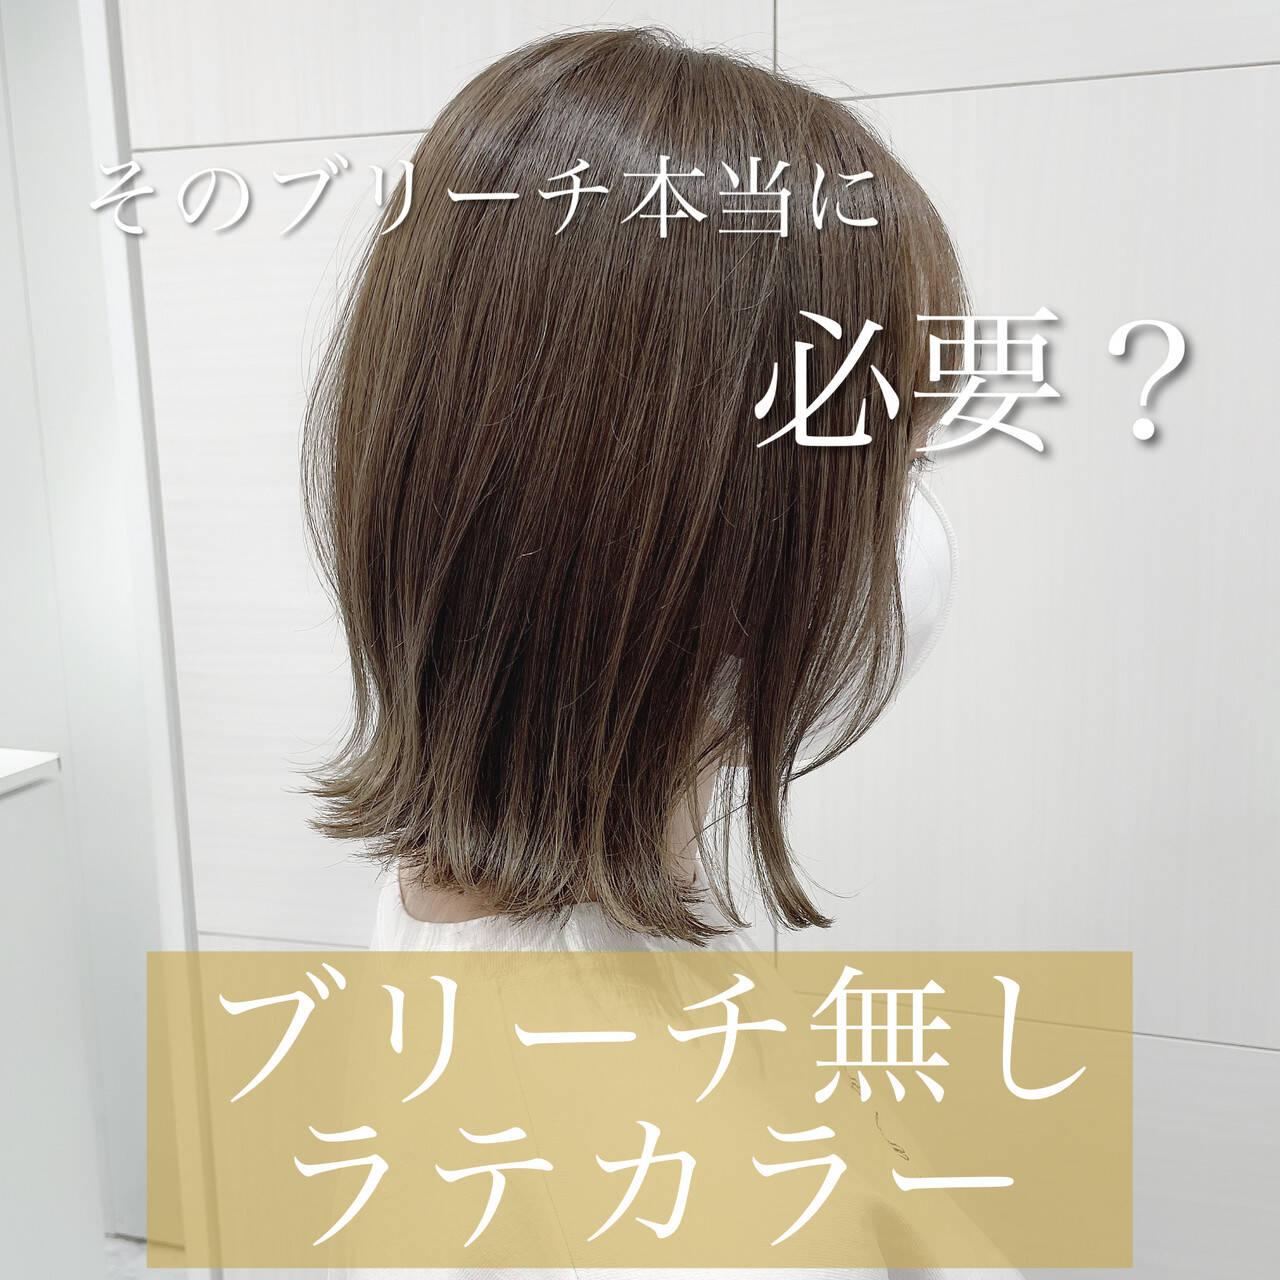 ミルクティー ミルクティーブラウン セミロング ミルクティーベージュヘアスタイルや髪型の写真・画像